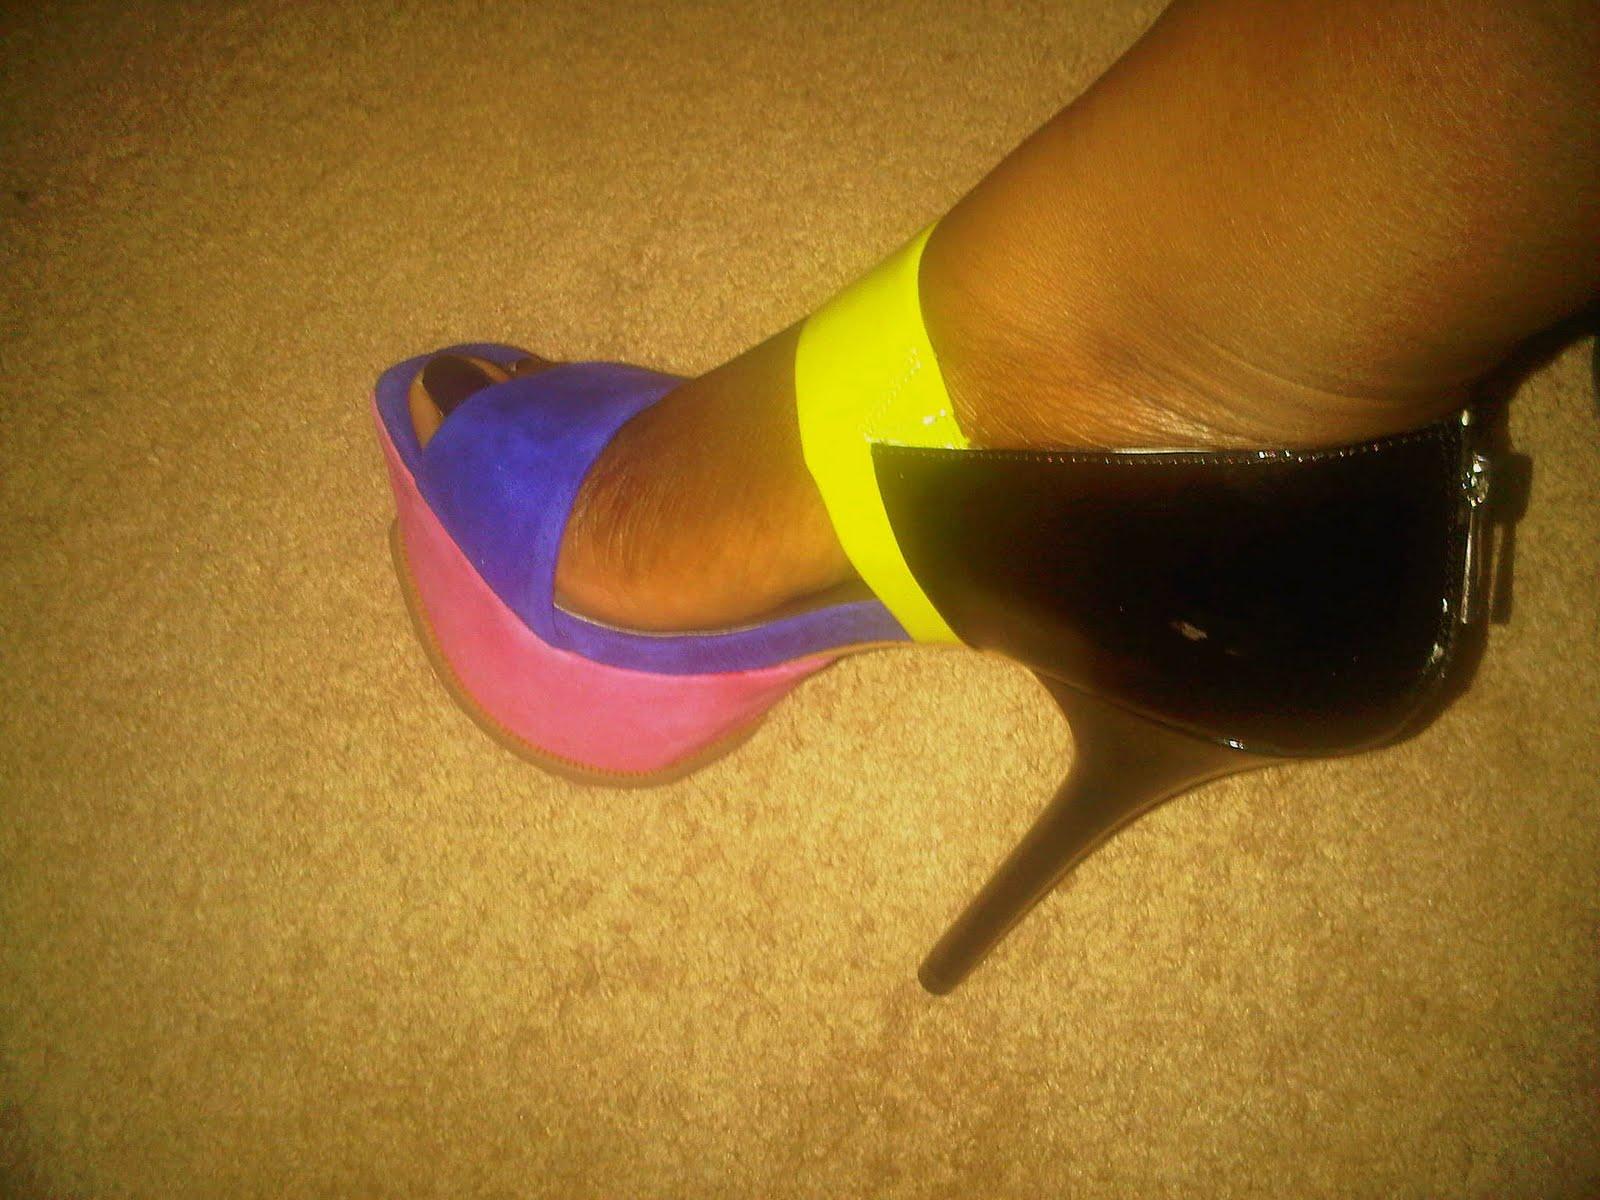 http://3.bp.blogspot.com/-WqDtHH3ccaU/TjFyqBp7oQI/AAAAAAAACjQ/XBZwobhMdEQ/s1600/shoe4.jpg